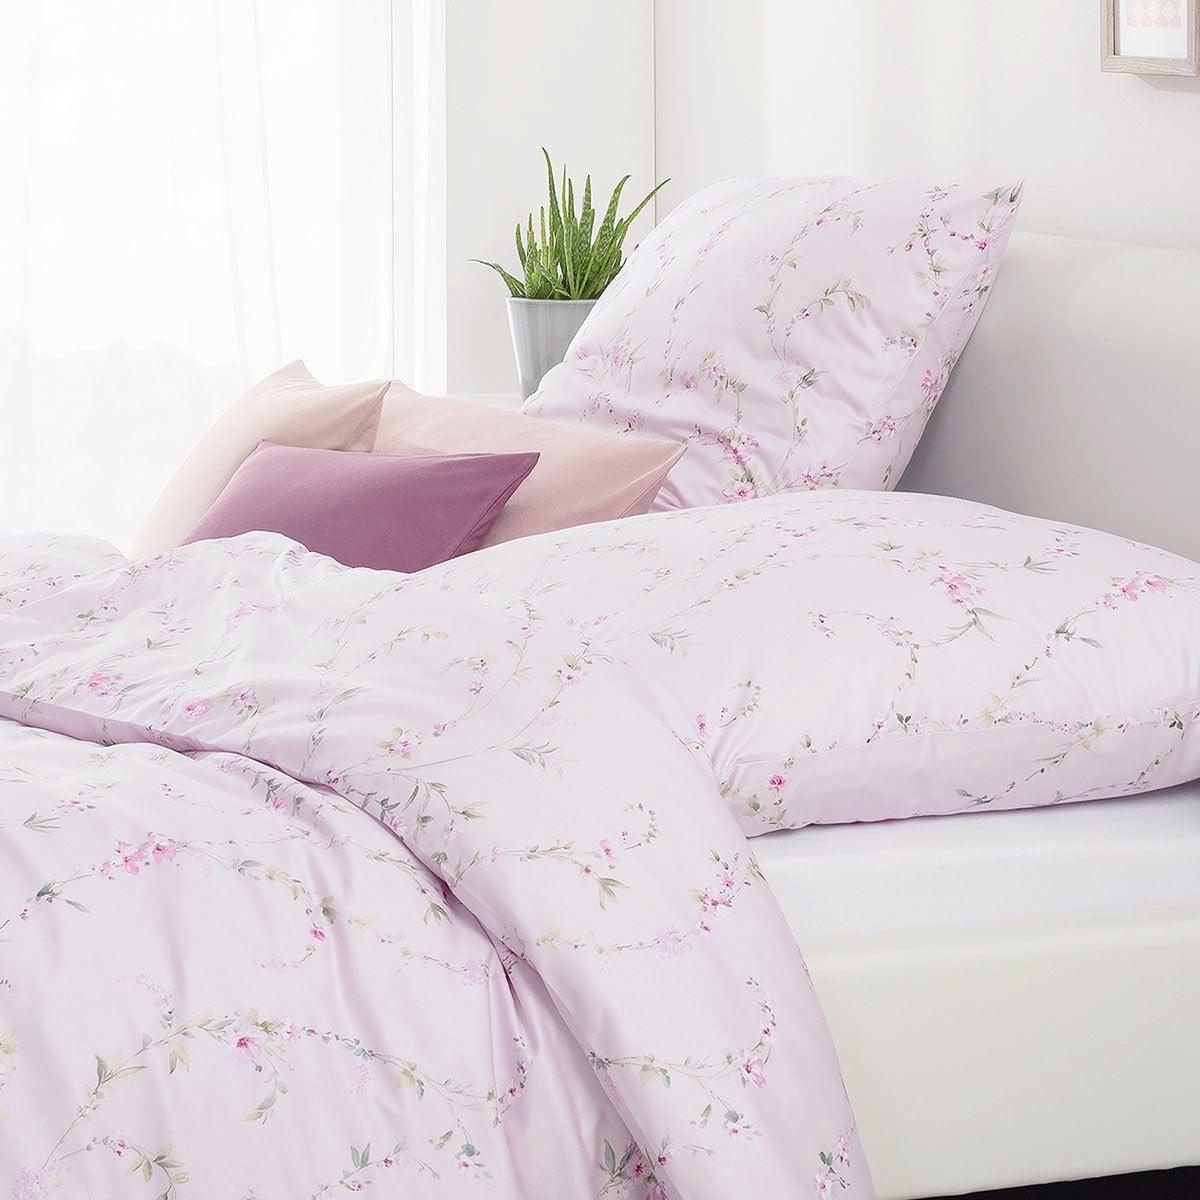 estella mako interlock jersey bettw sche vivien flieder. Black Bedroom Furniture Sets. Home Design Ideas